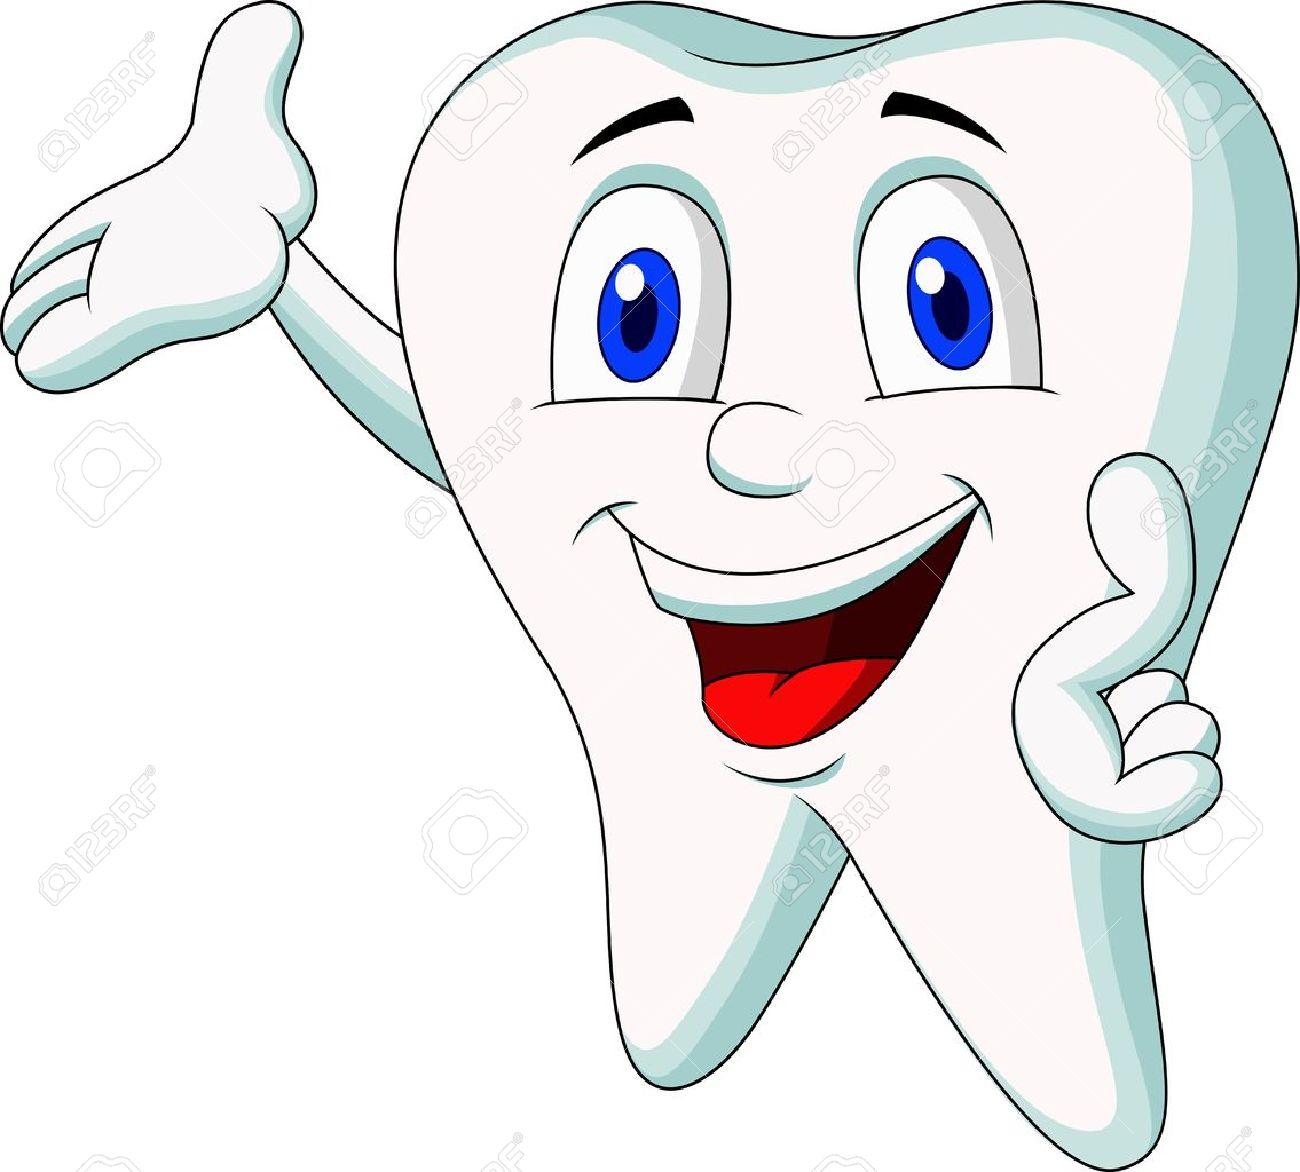 Веселые анекдоты про зубы и зубных врачей